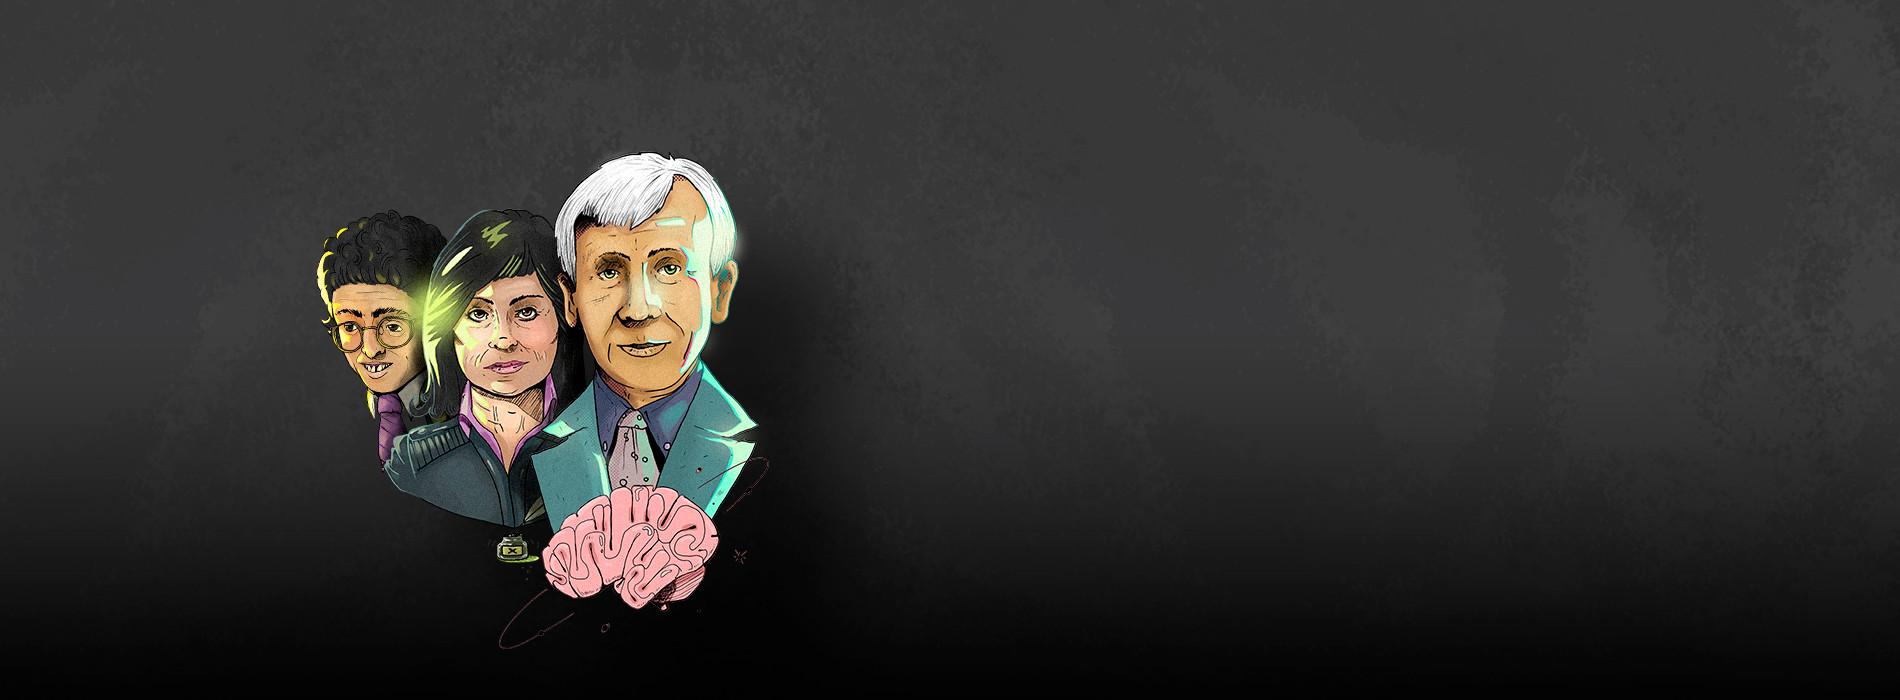 Ilustración Jaime Garzón, Laura Restrepo y Rodolfo Llinás por Elver Mora